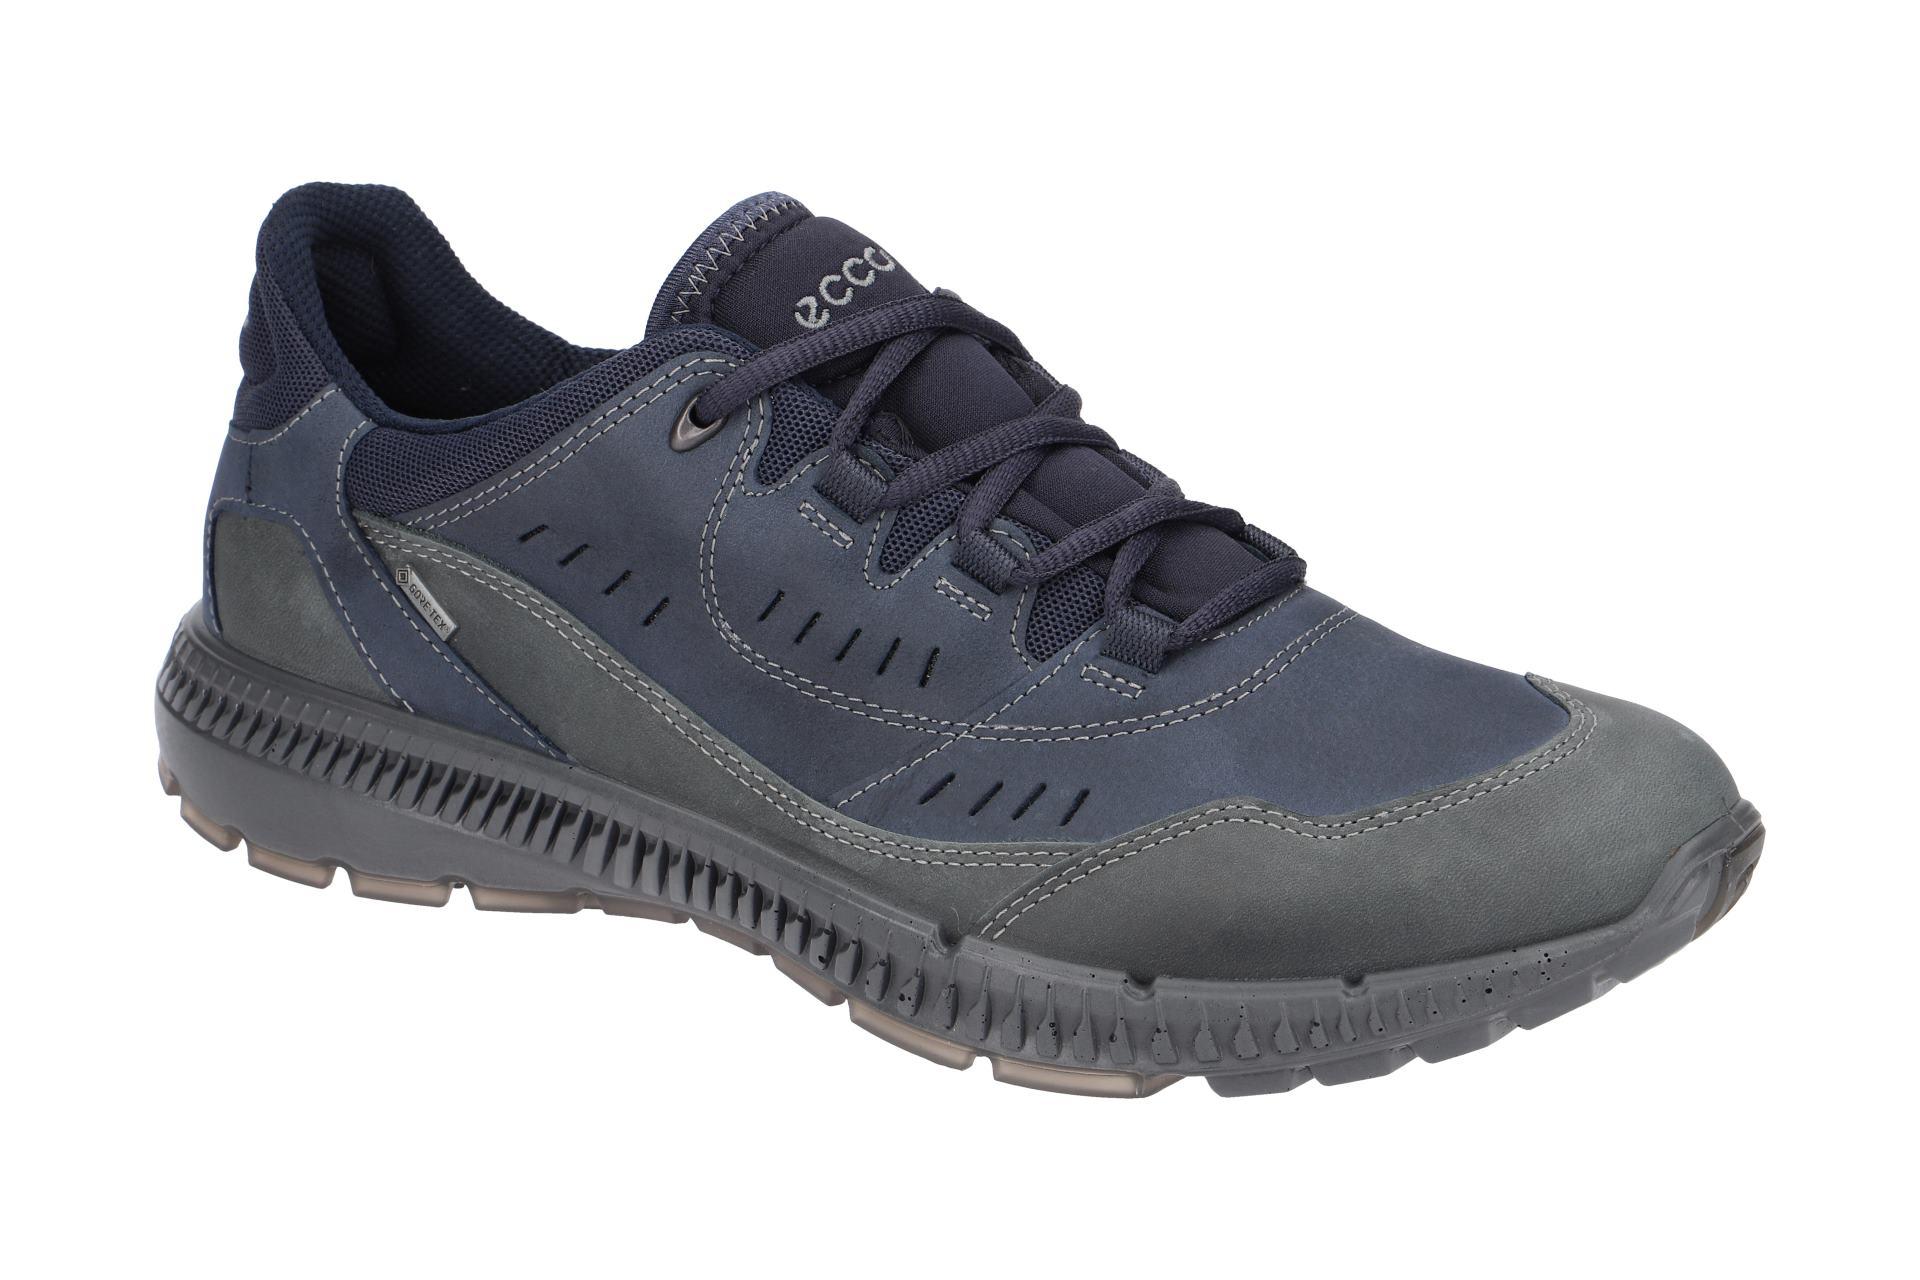 Ecco Schuhe TERRAWALK blau Herrenschuhe Sneakers 87041450595